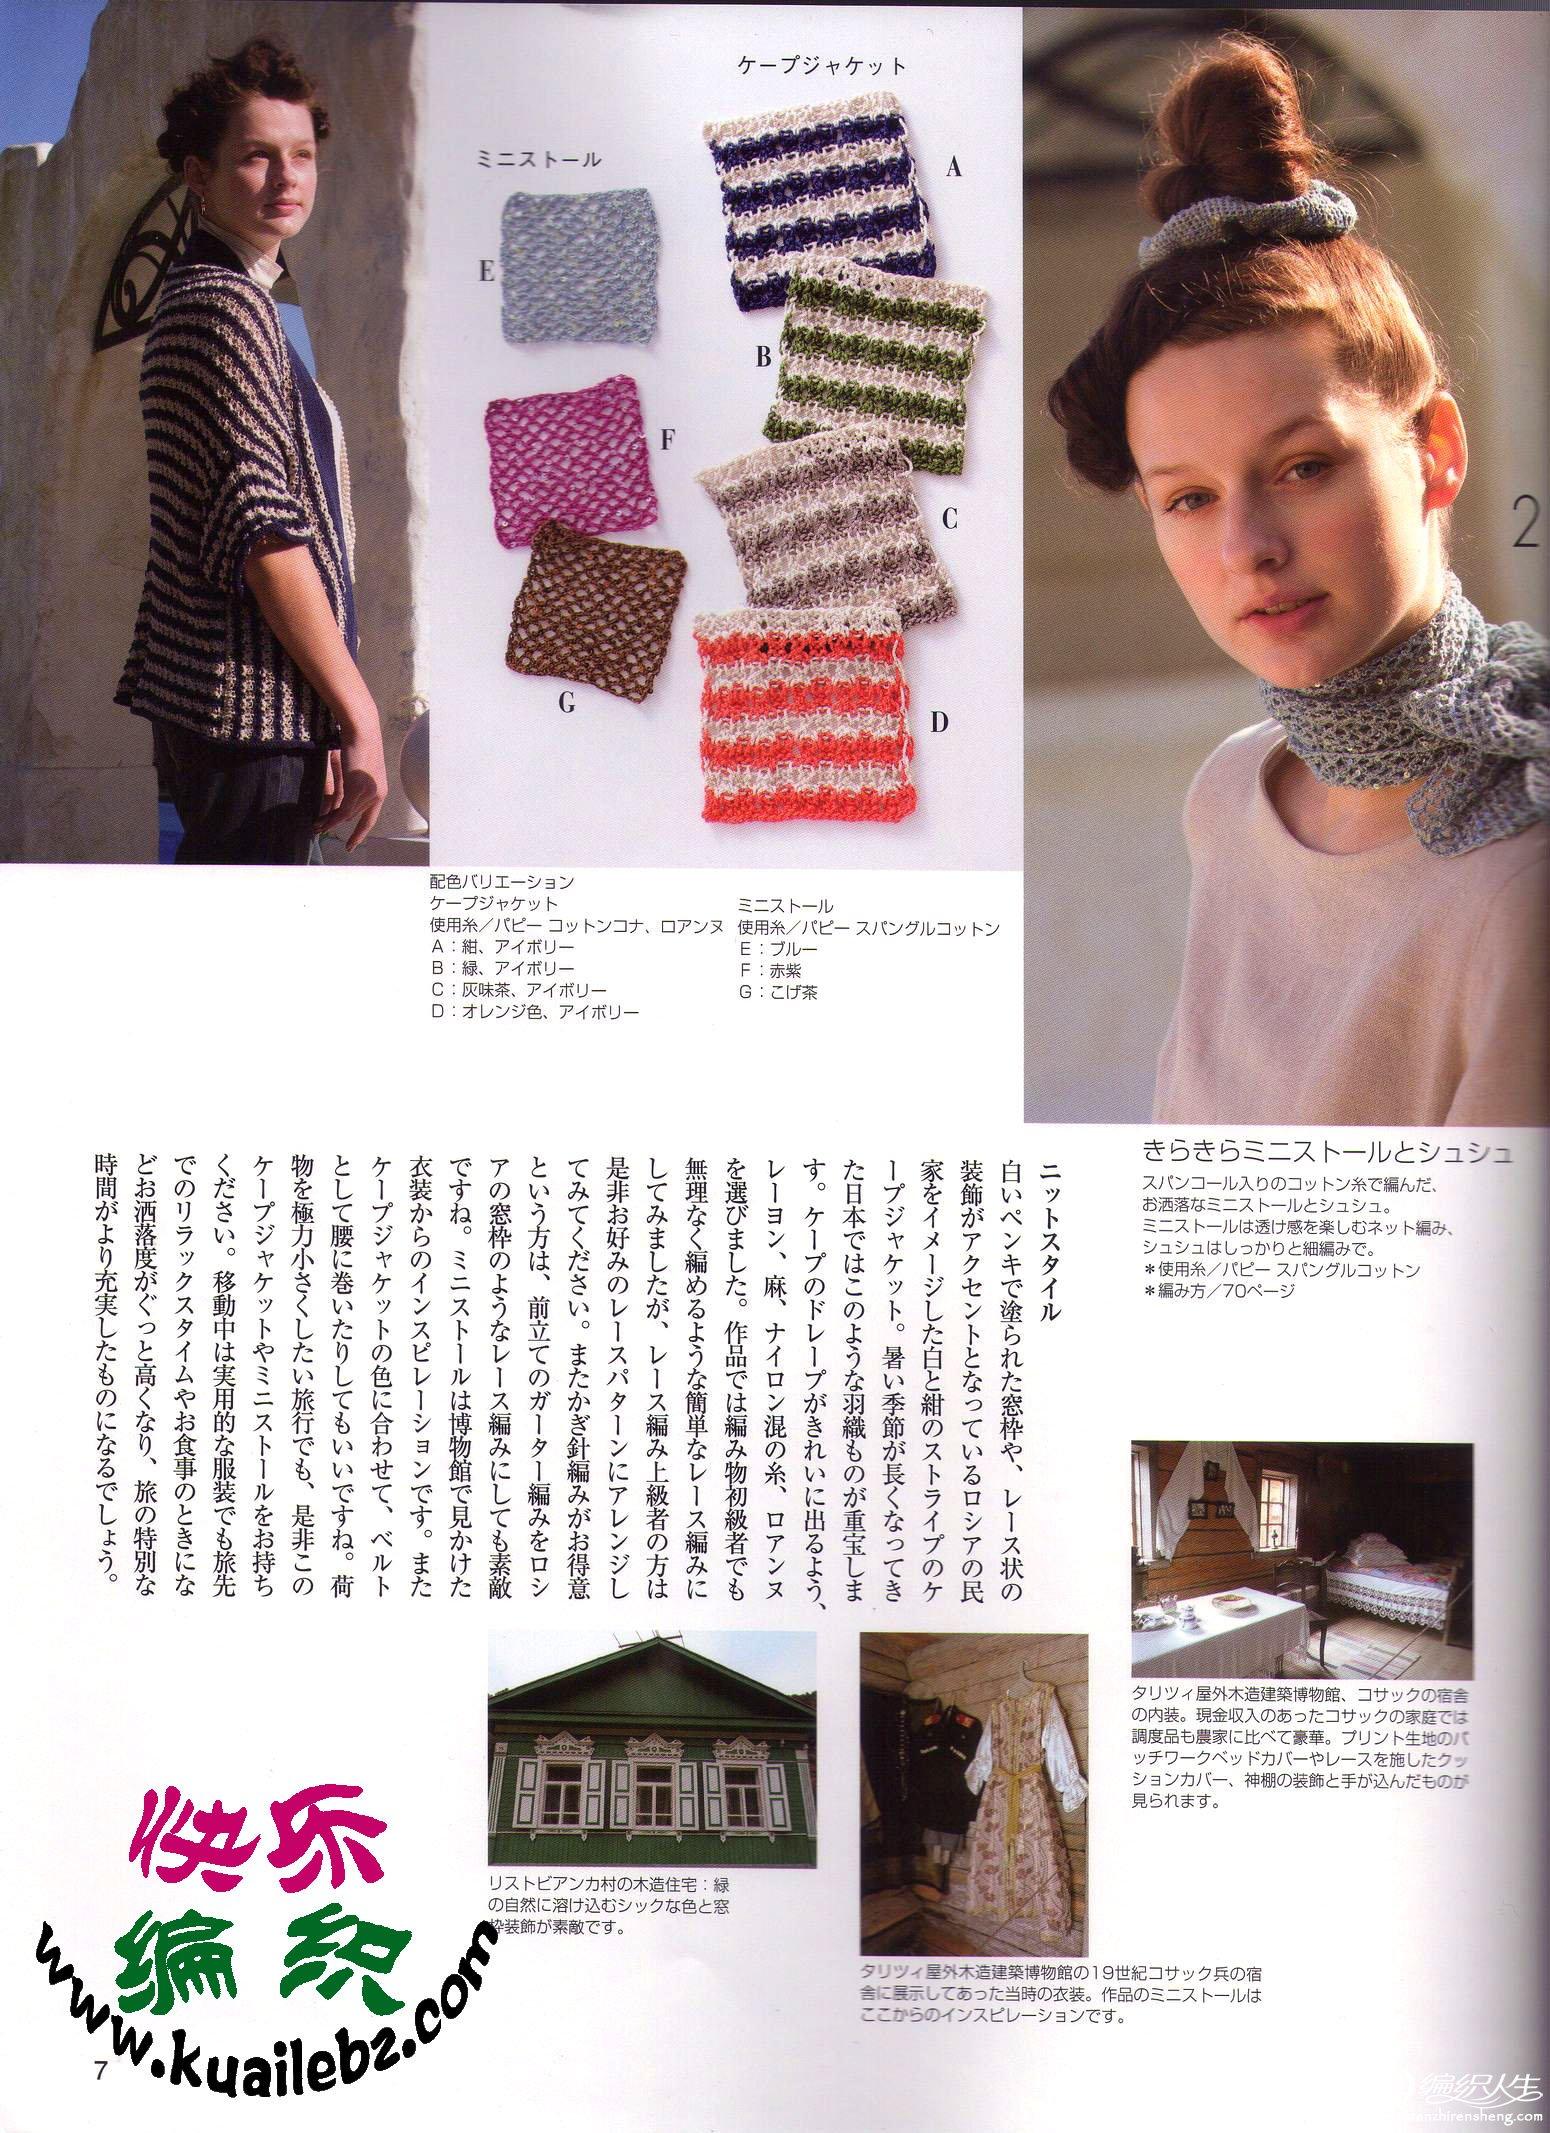 2012世界编物春夏编织书籍(快乐编织首发)3 拷贝.jpg